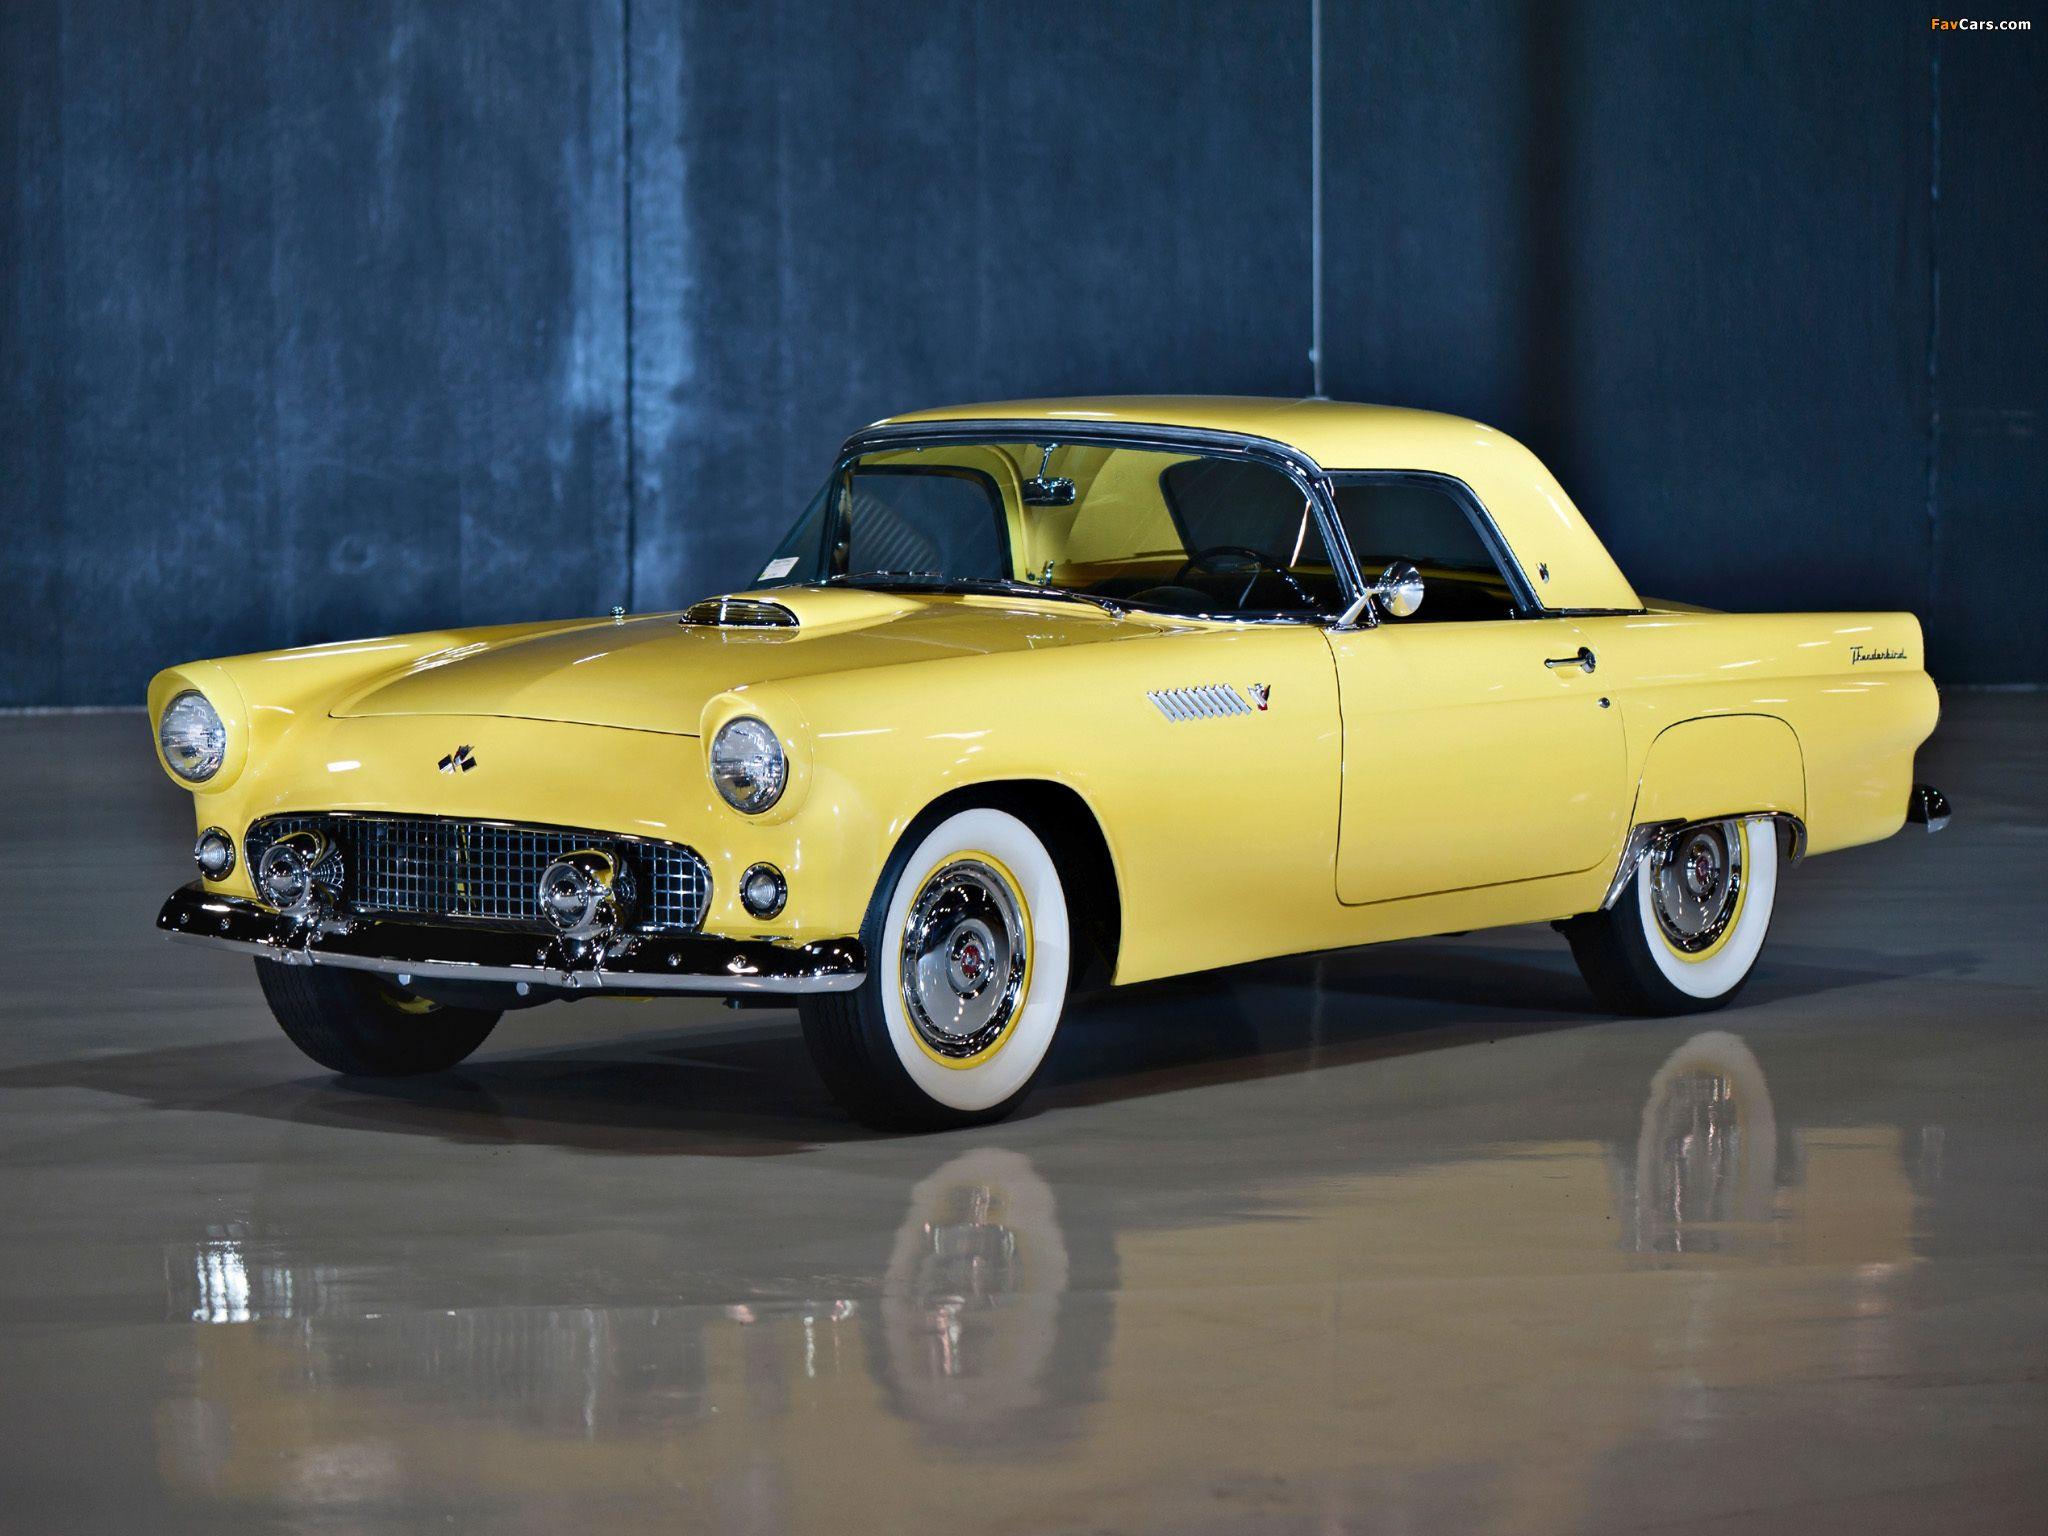 Ausgezeichnet 1955 Ford Fairlane Schaltplan Fotos - Der Schaltplan ...